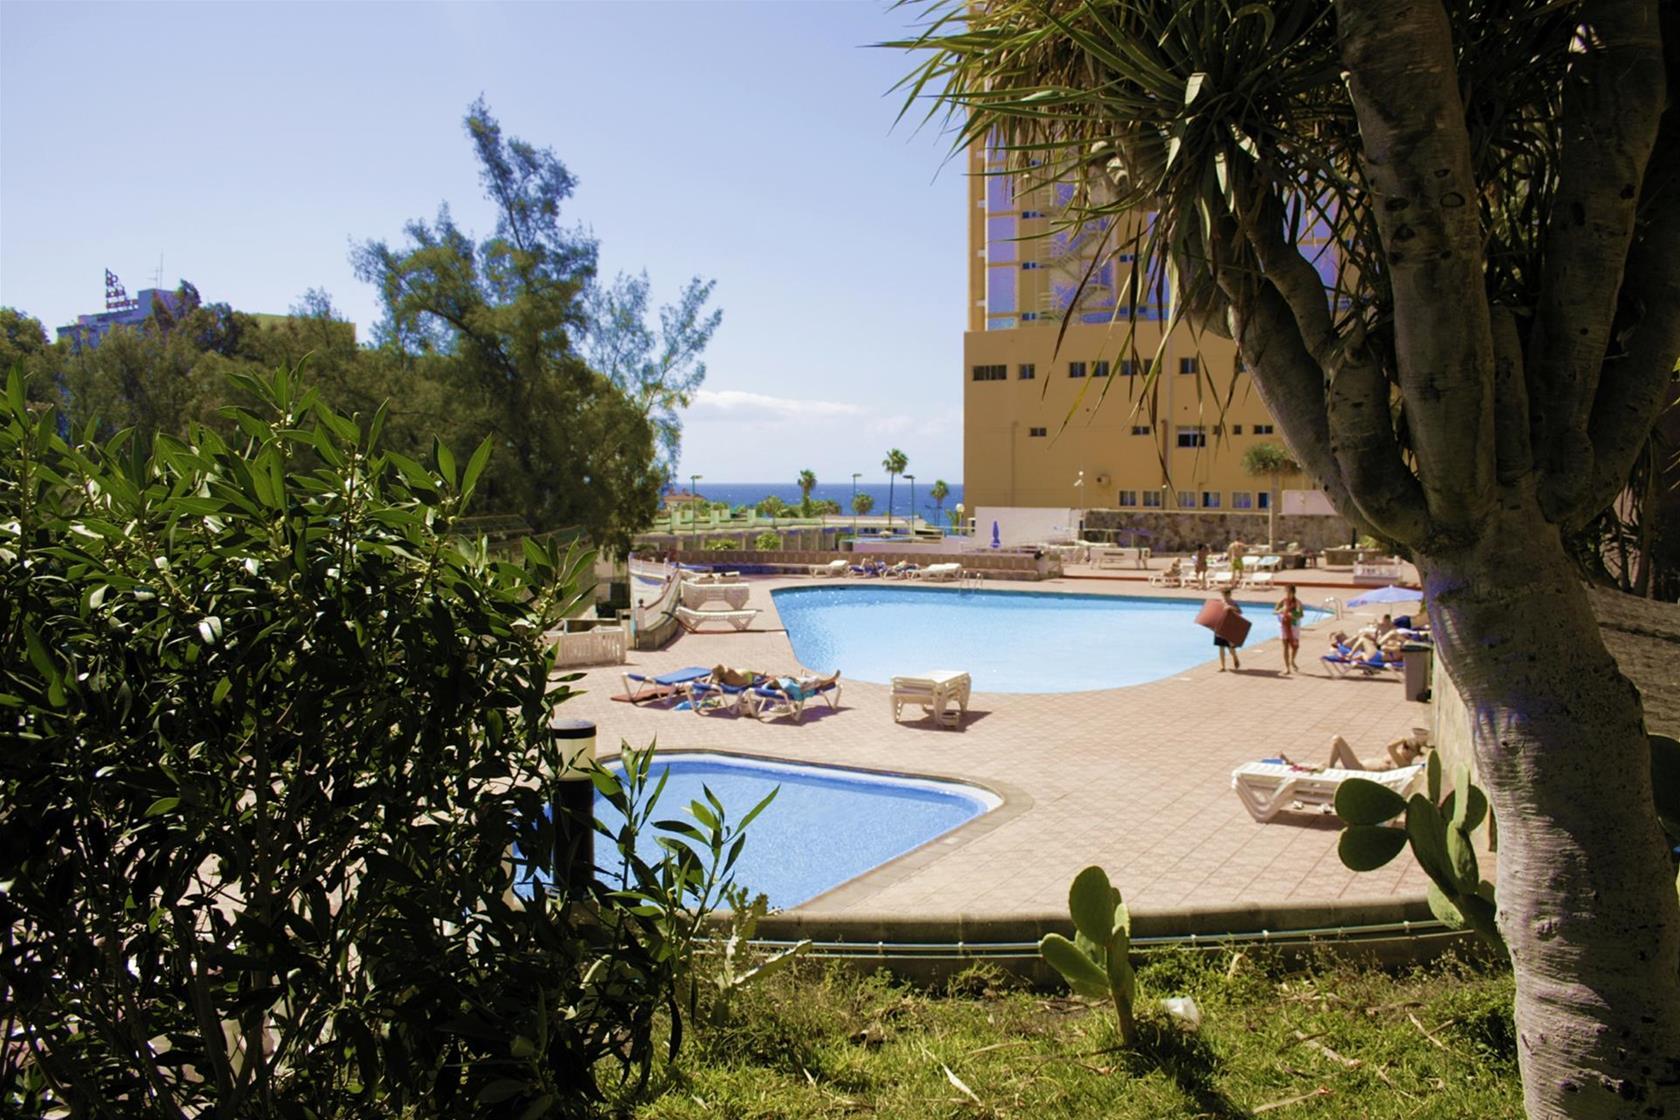 Voyages playa del ingl s partir de 428 s jours pas for Moteur de recherche hotel moins cher